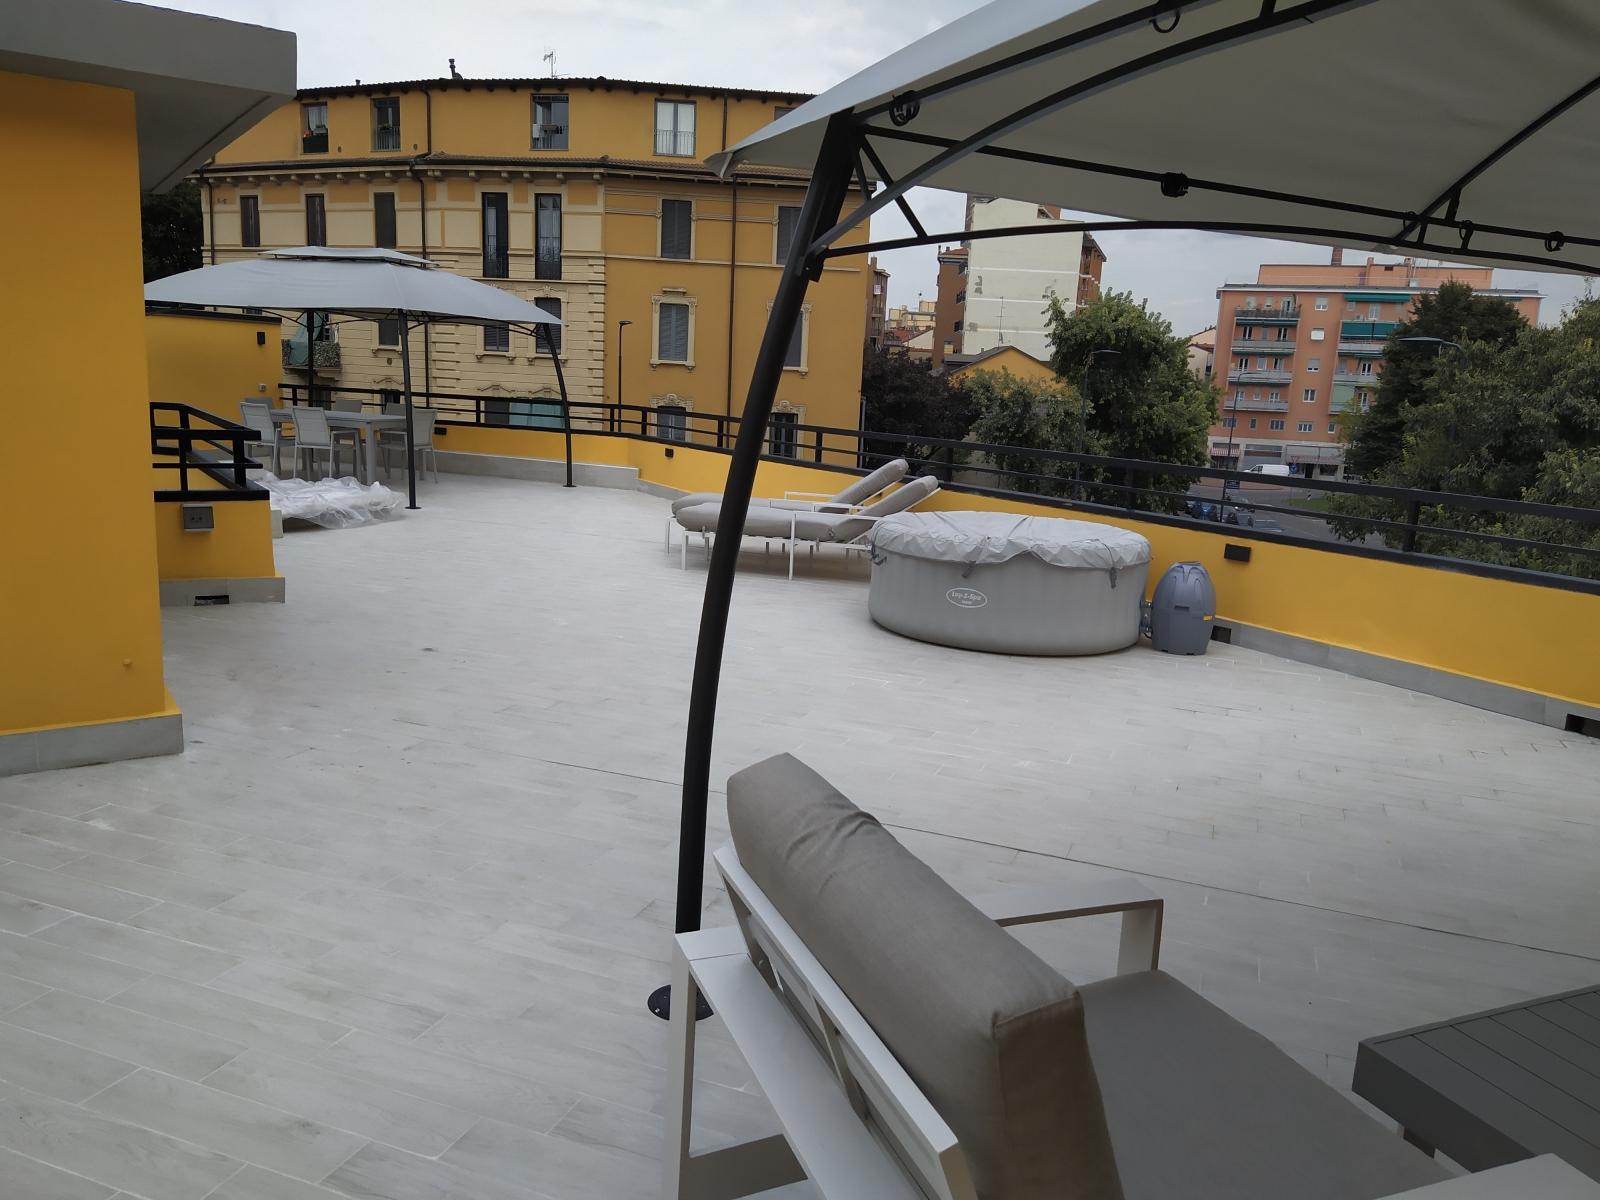 appartamento-in-vendita-milano-bovisa-piazza-dergano-3-locali-con-terrazzo-spaziourbano-immobiliare-vende-17